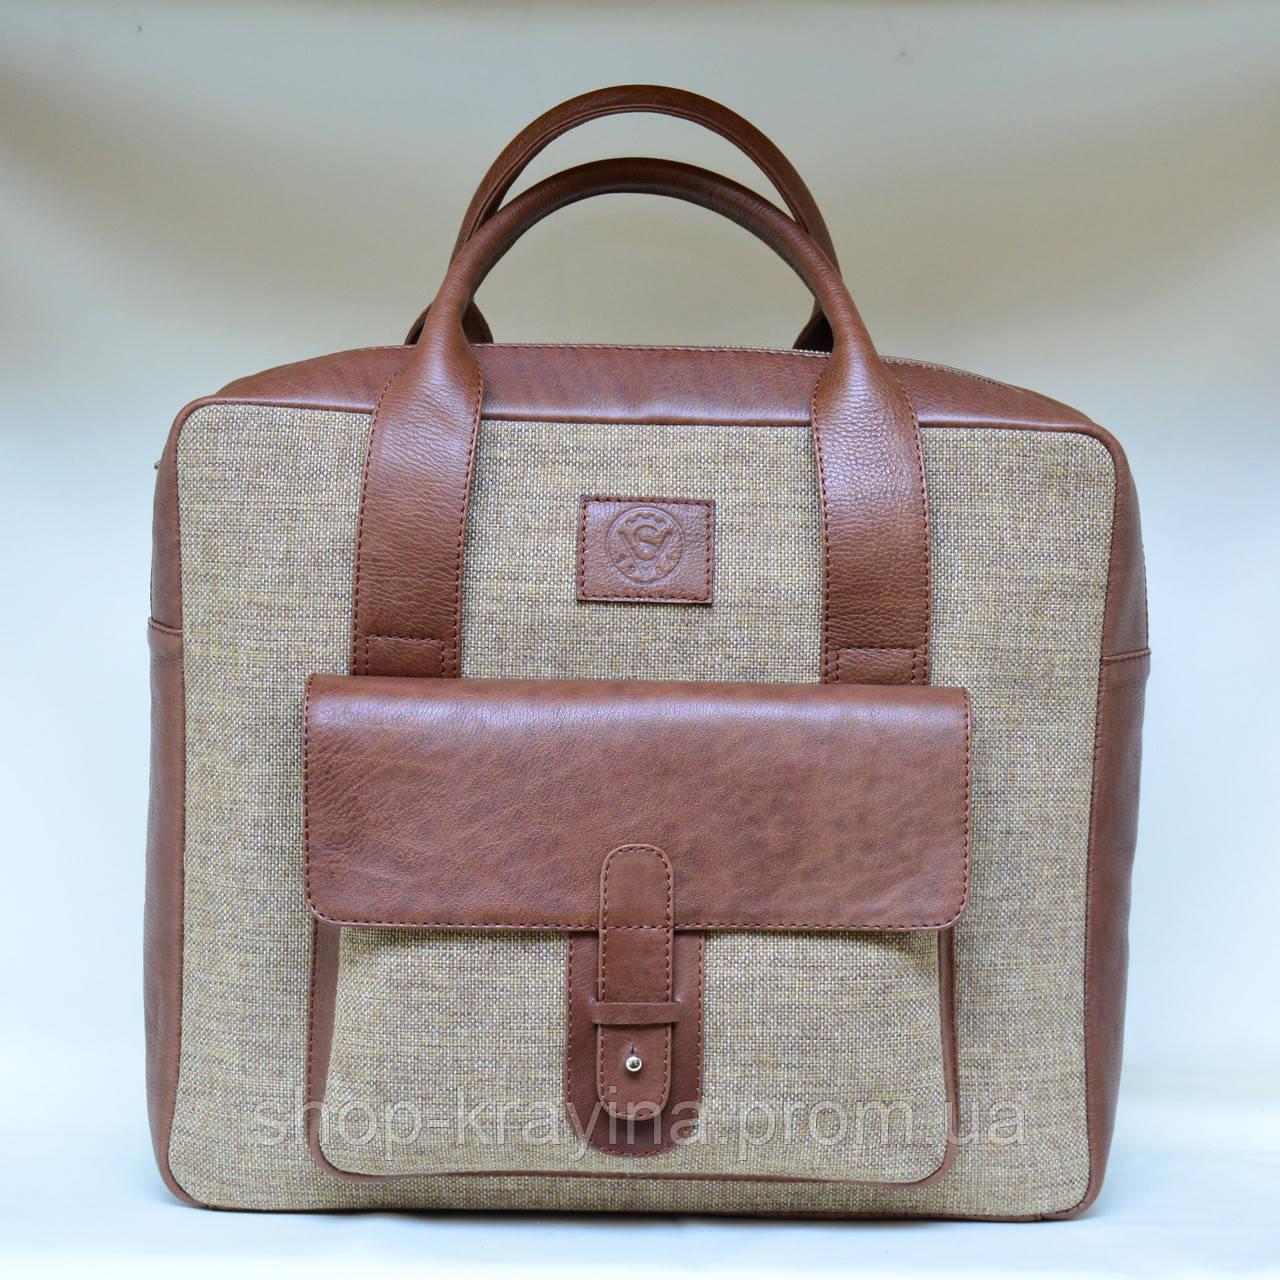 Сумка унисекс VS123 leather canvas 36Х30Х9  см